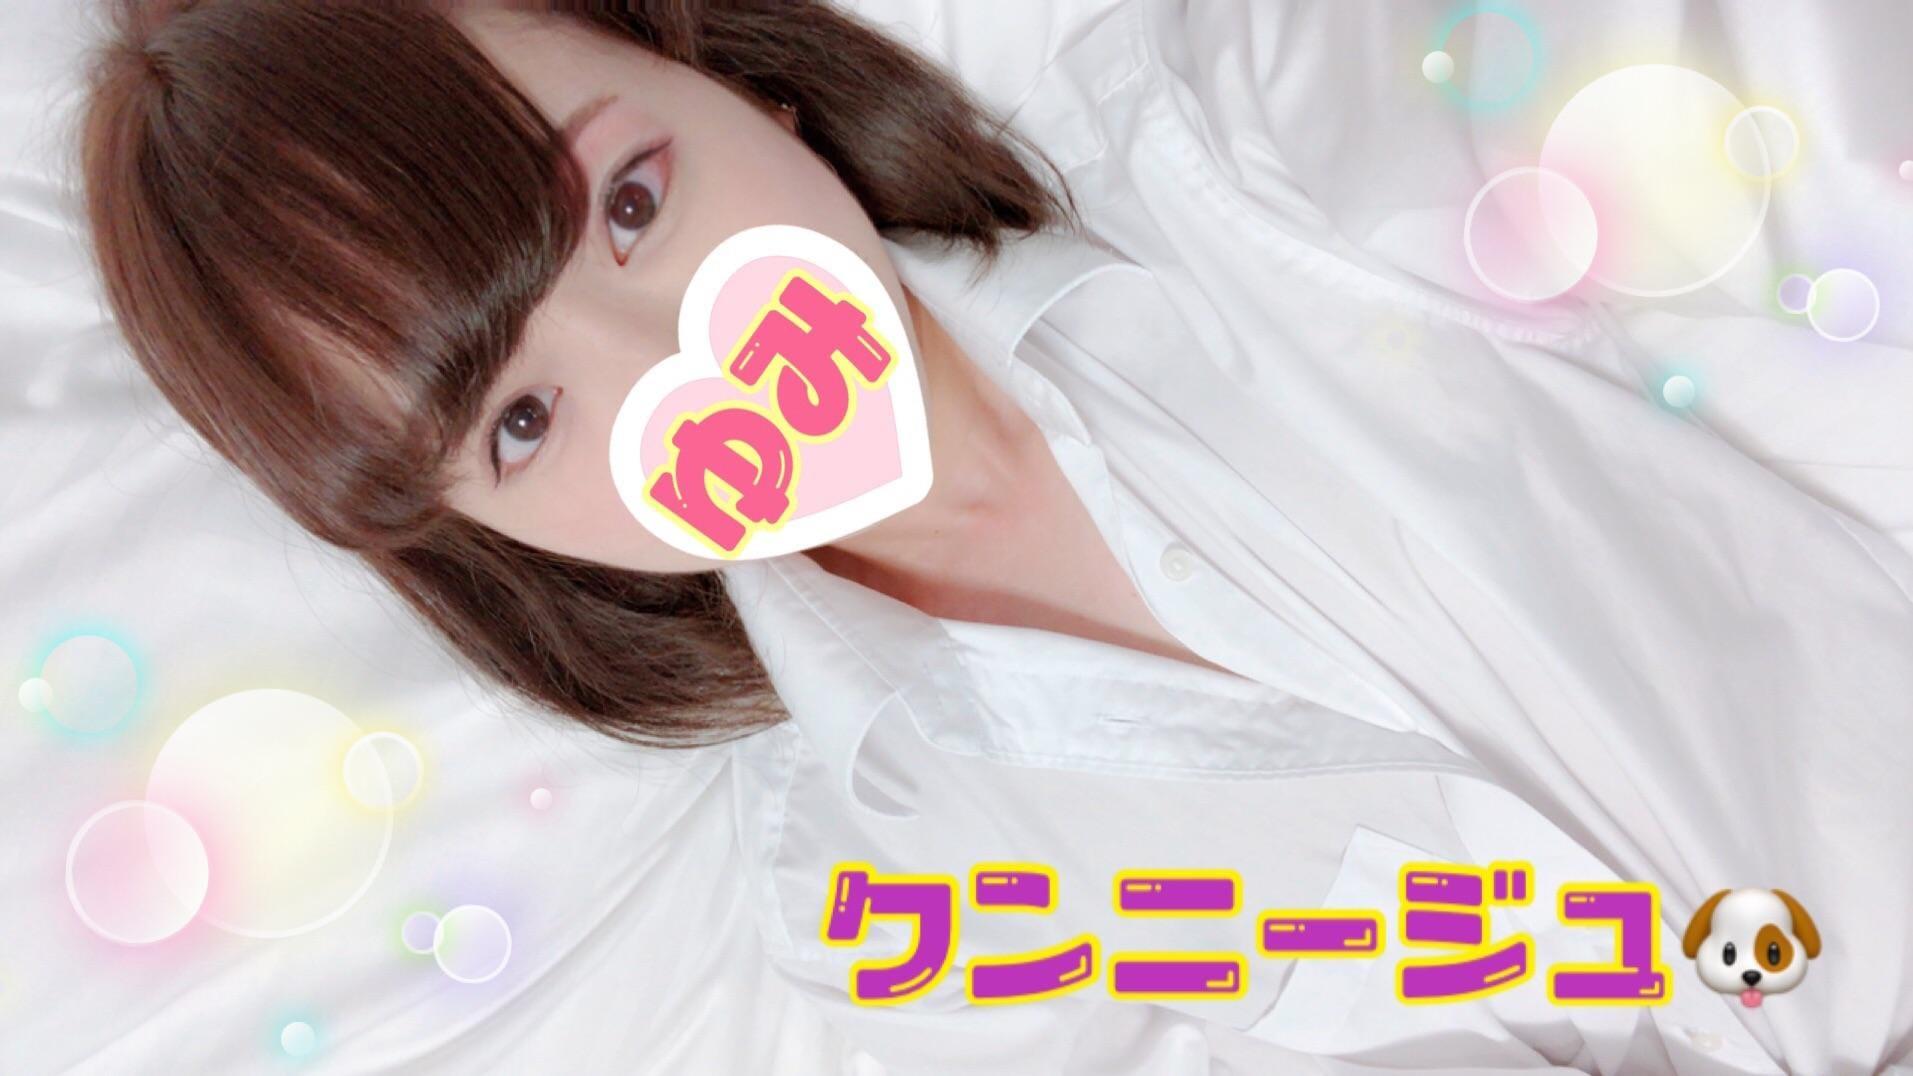 「鼻の下伸びた」10/19日(金) 17:15 | ゆみの写メ・風俗動画